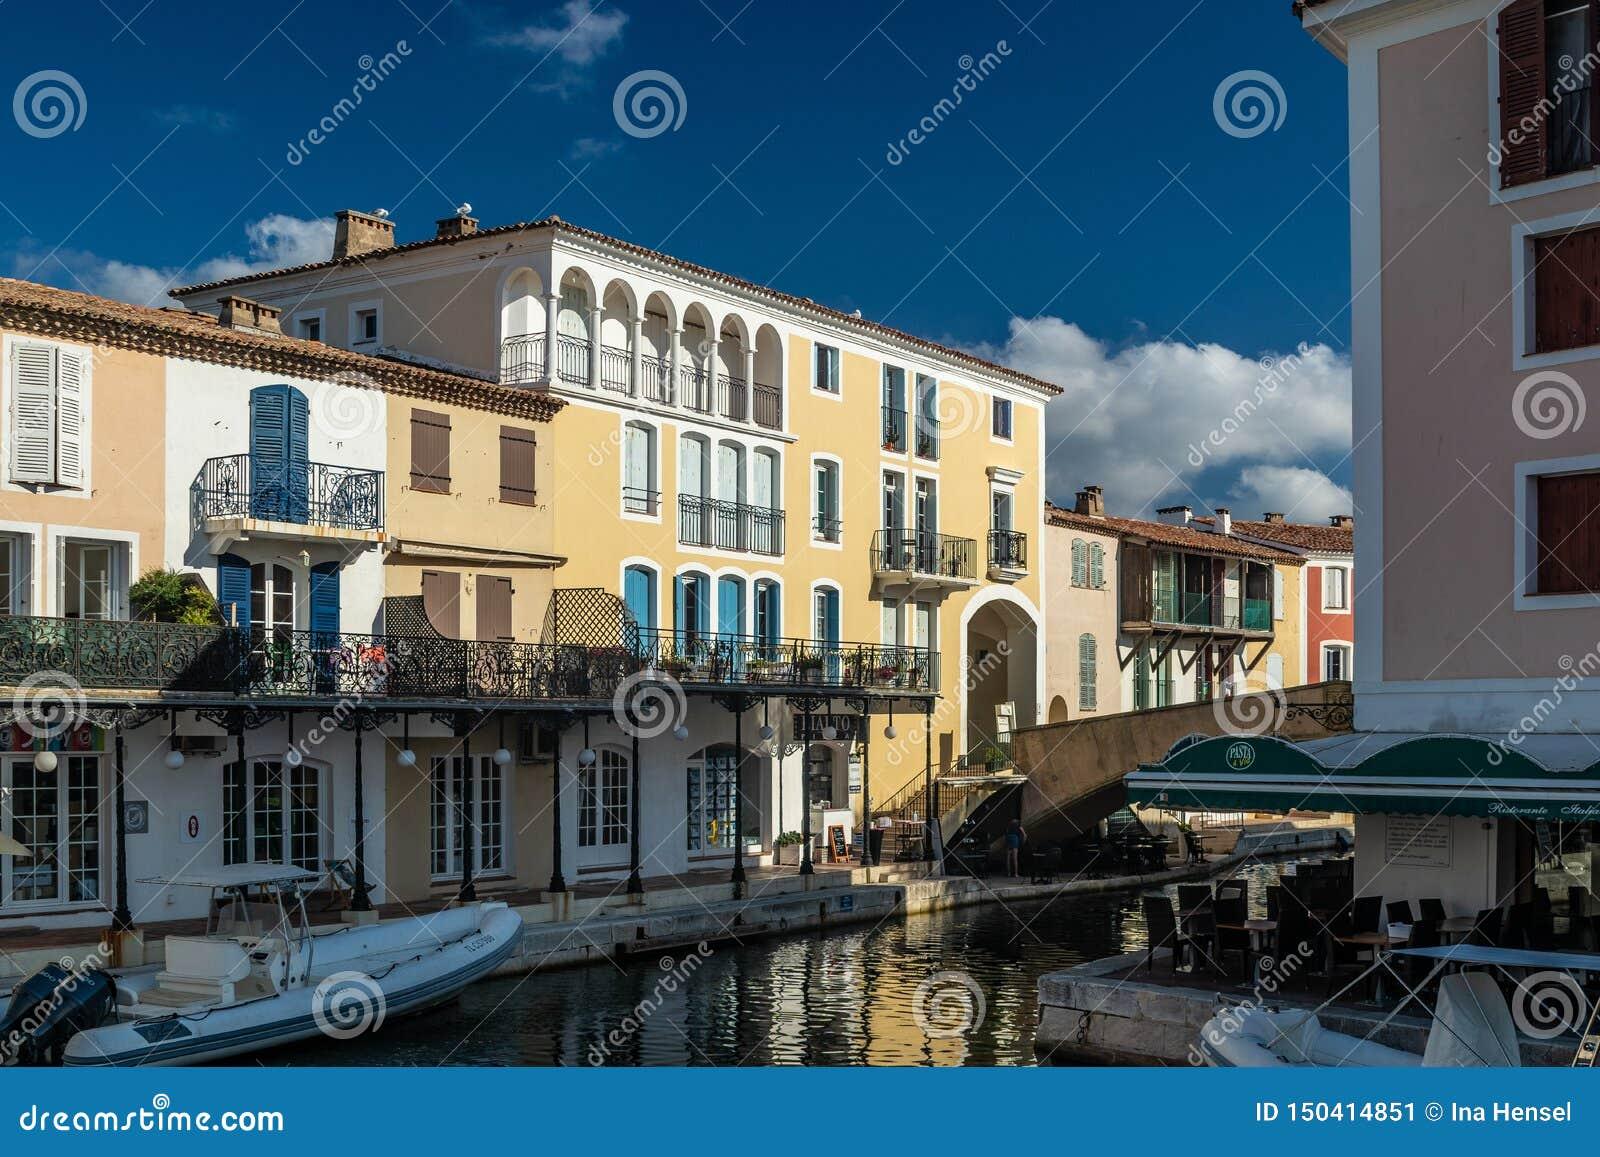 Canales y barcos del pueblo portuario de Grimaud